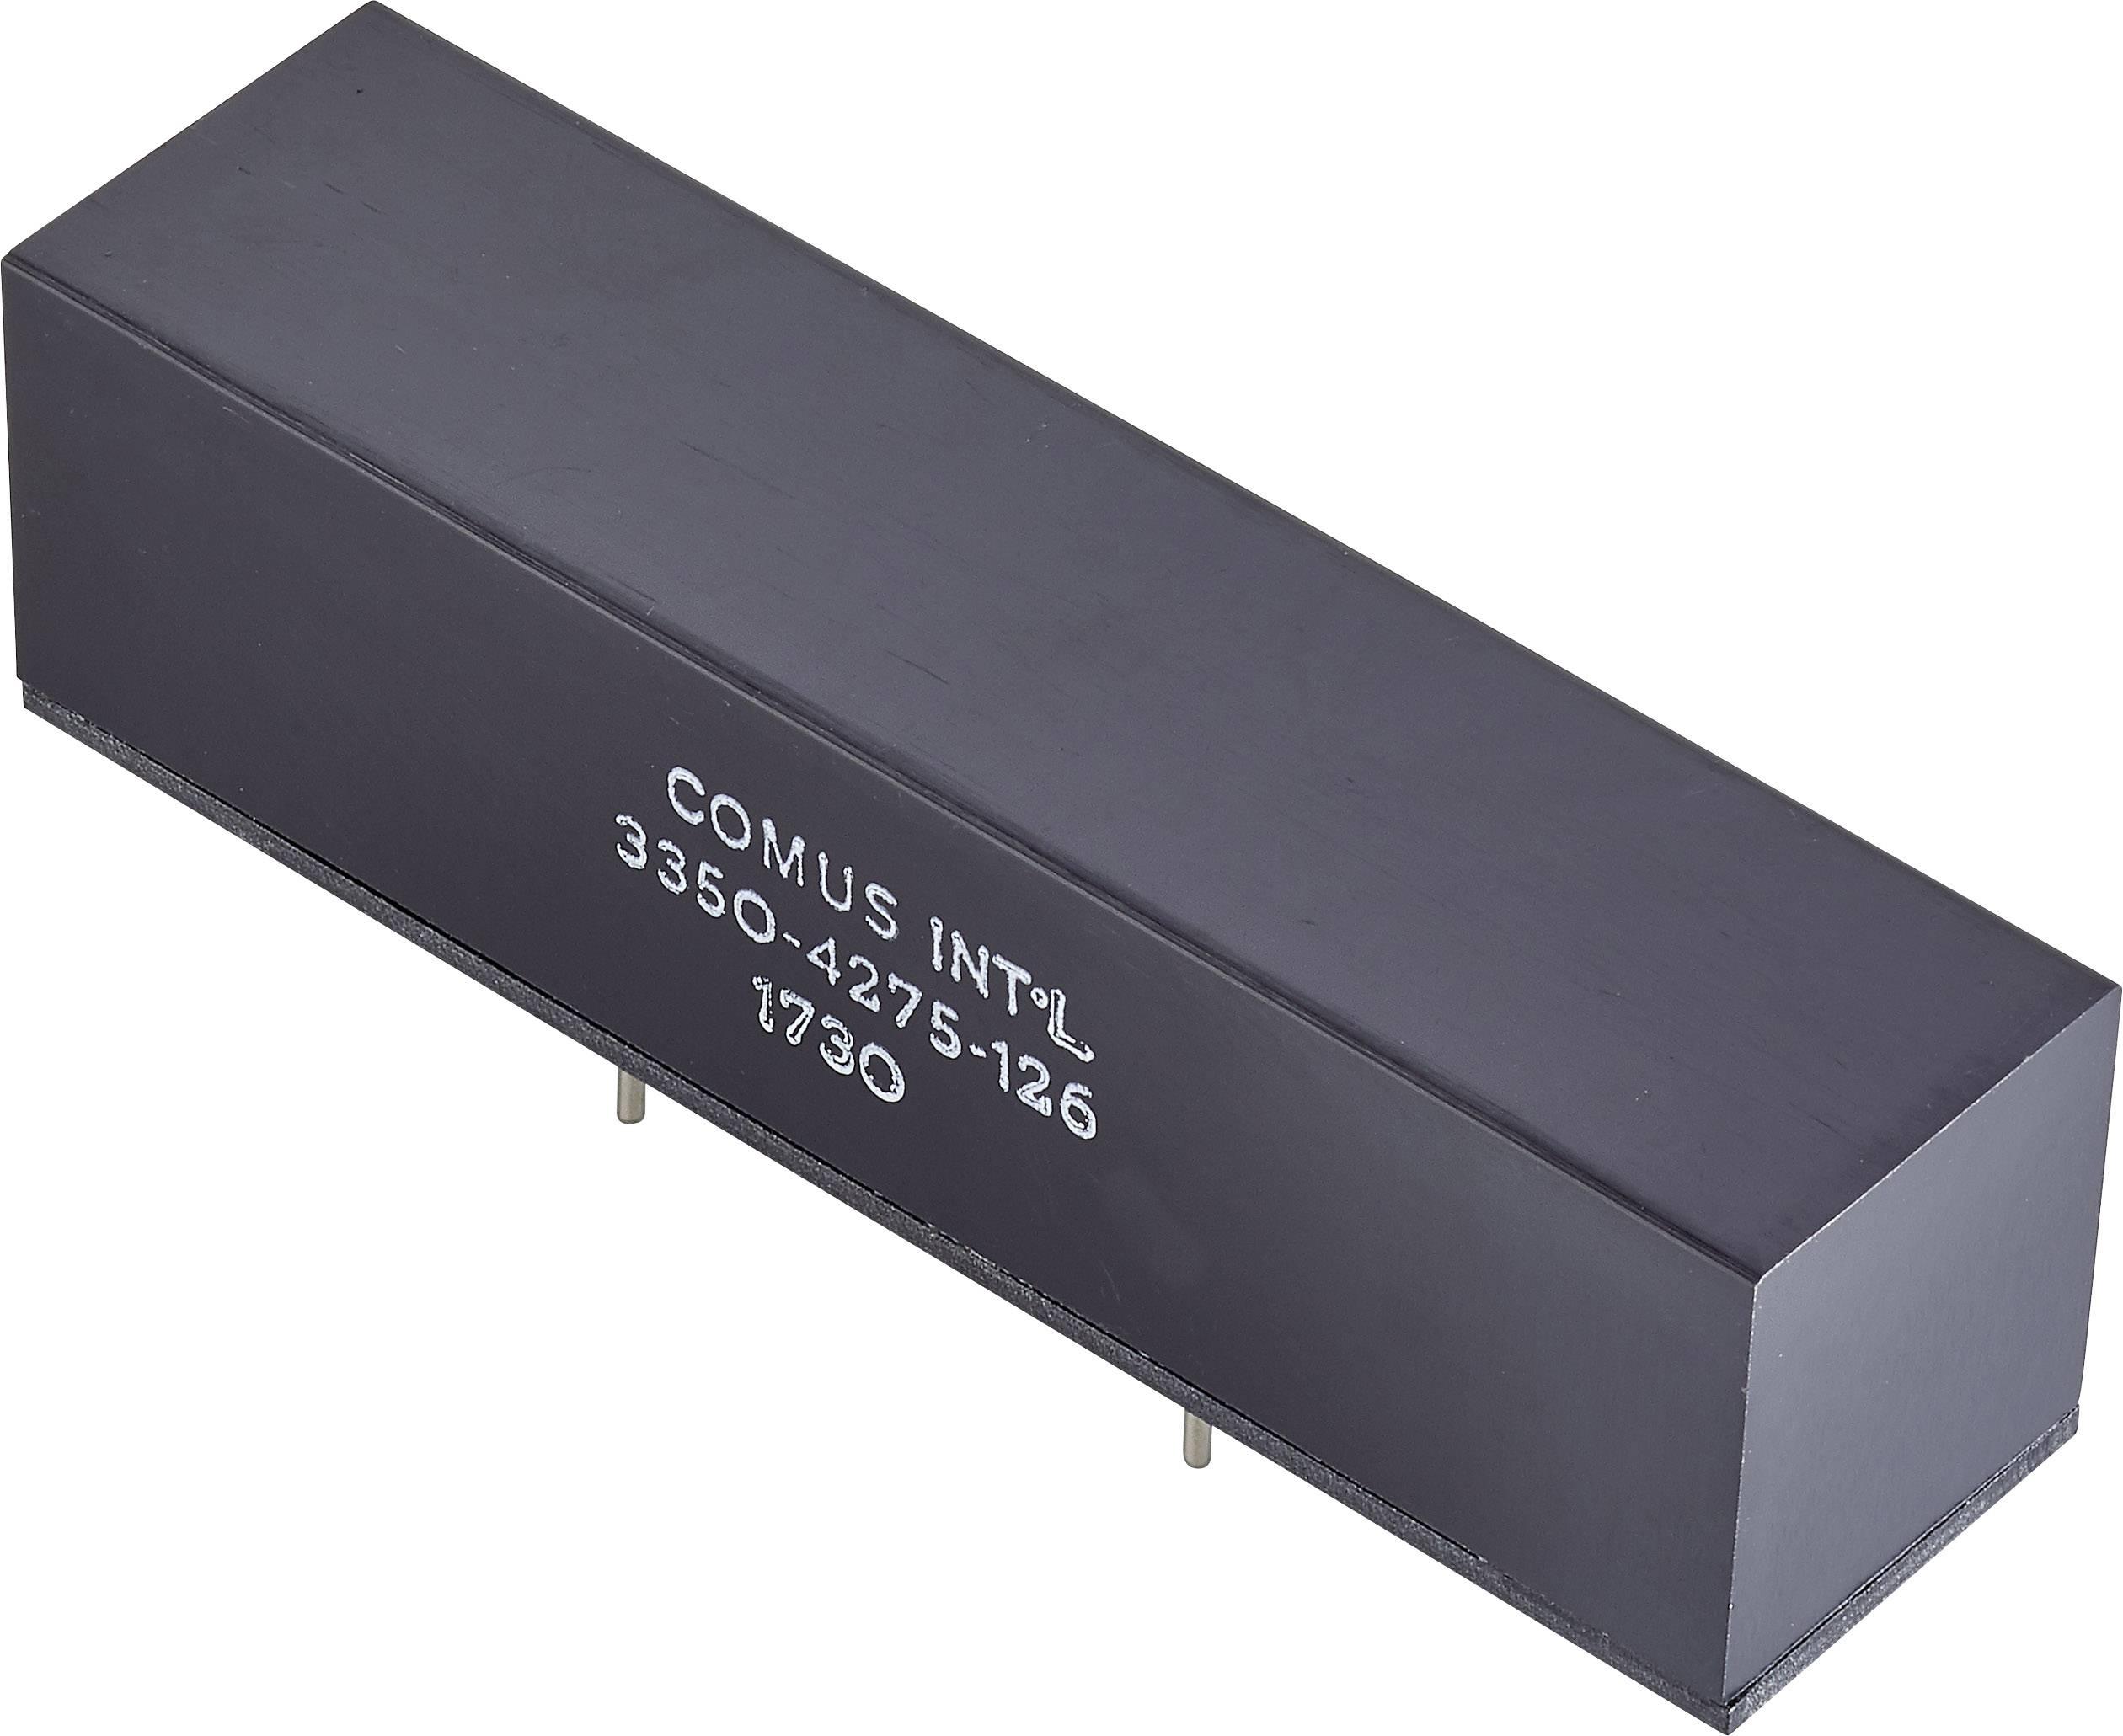 Relé s jazýčkovým kontaktem Comus 3350-4275-246, 3350-4275-246, 1 rozpínací kontakt, 24 V/DC, 3 A, 200 W